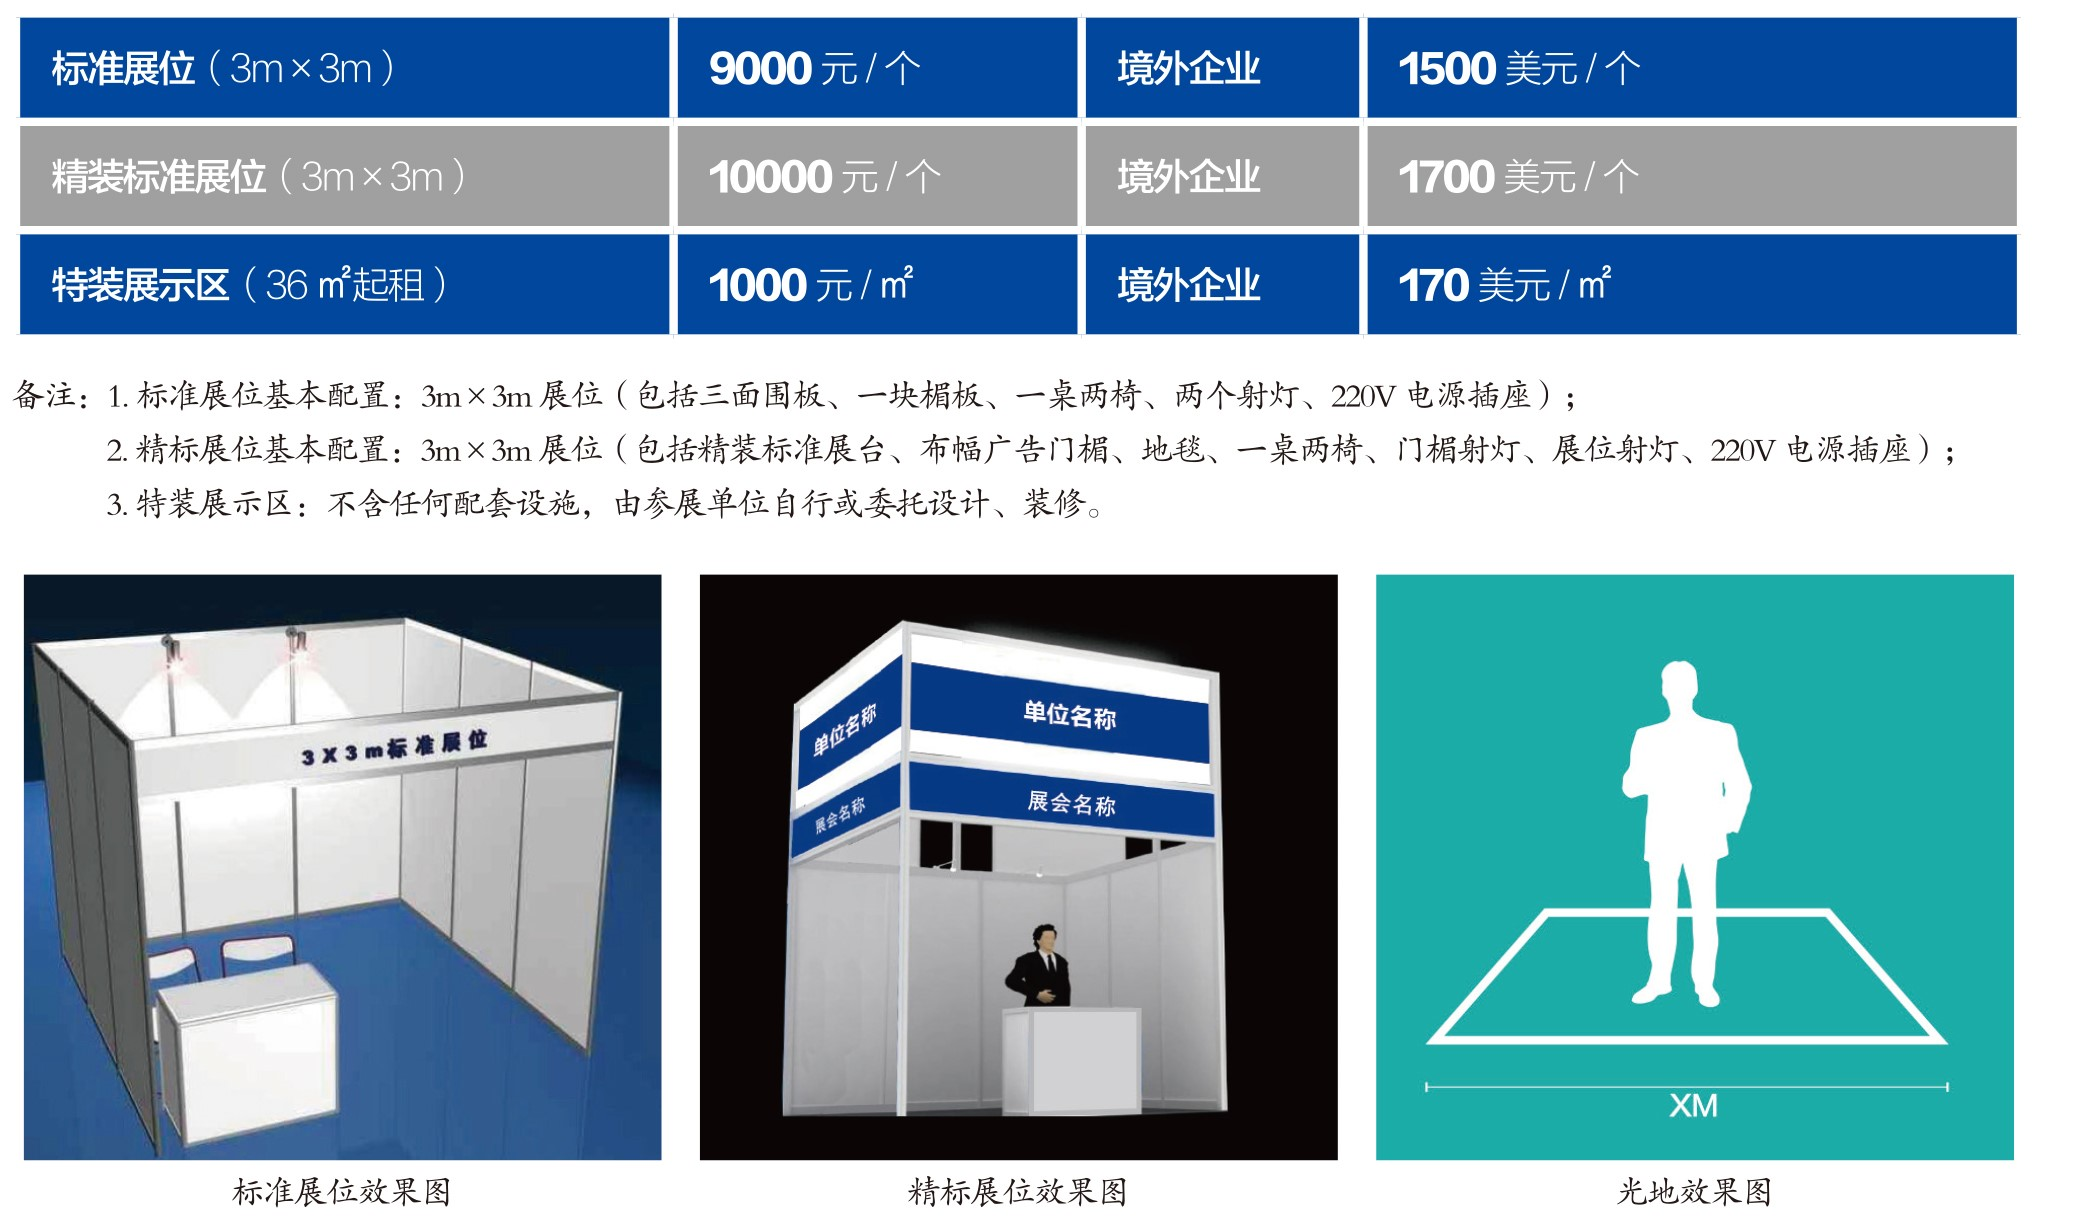 2020山东装备博览会、青岛工博会-邀请函